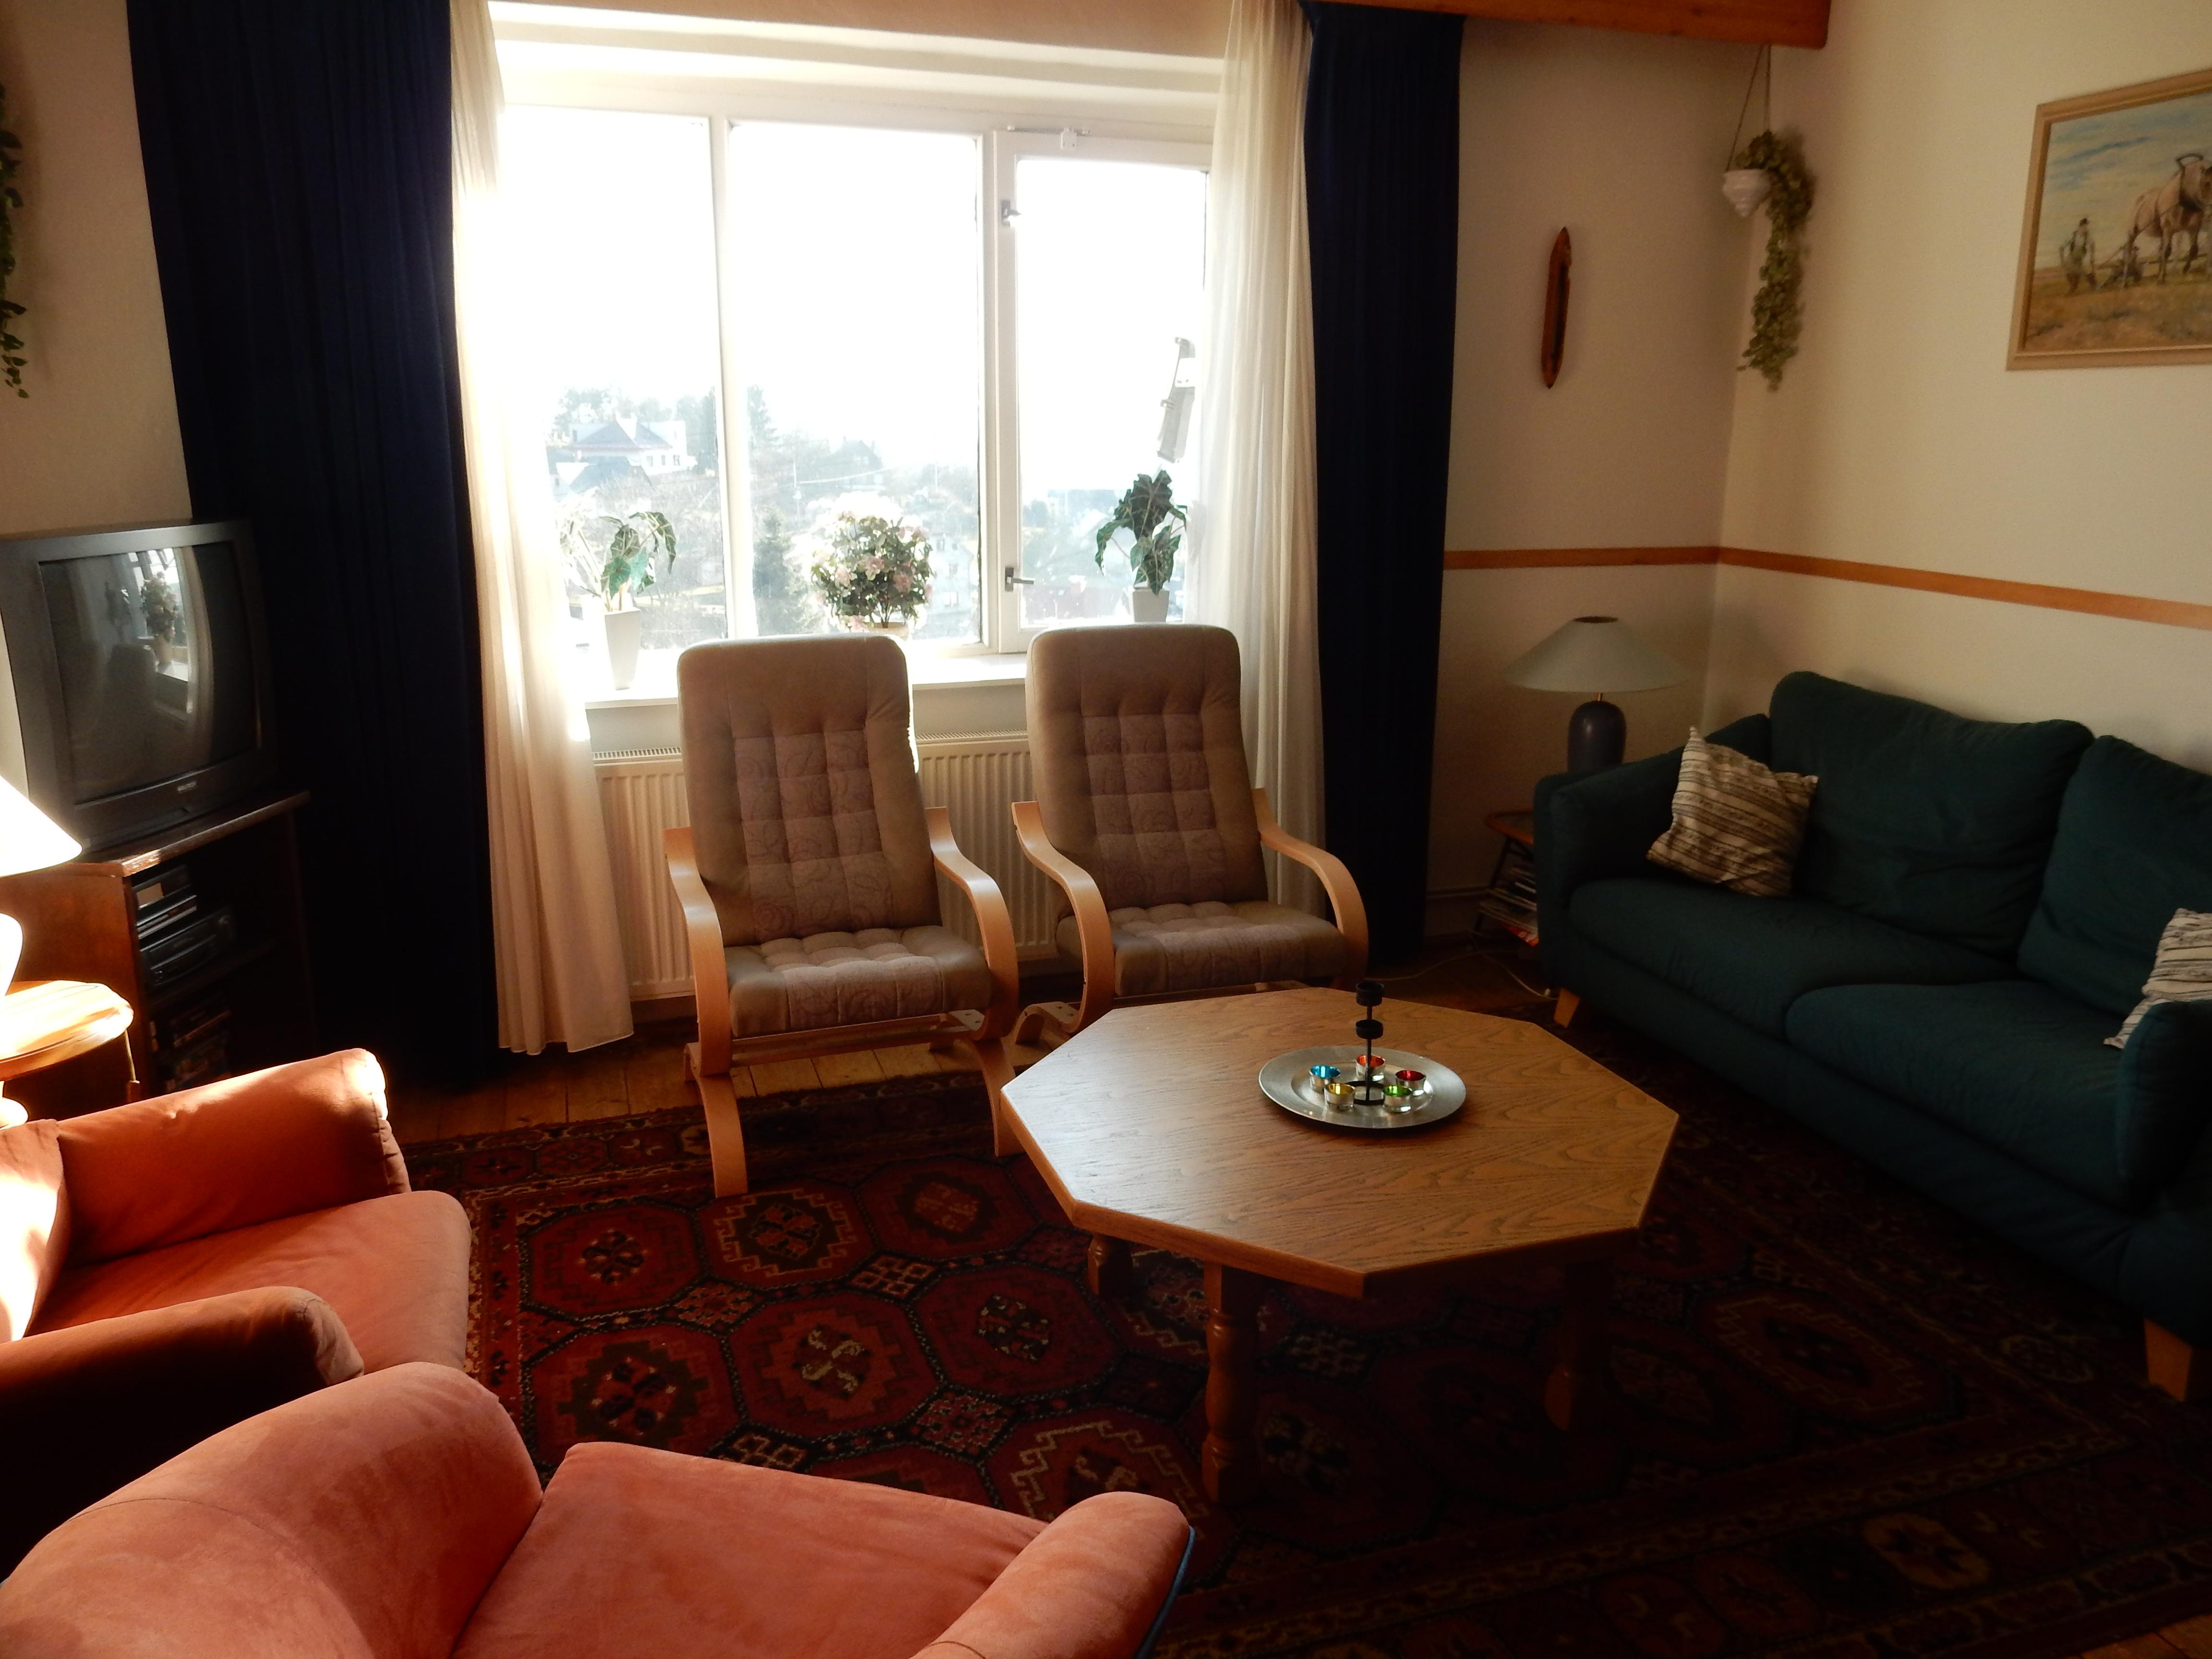 De eerste verdieping met het woongedeelte, de keuken en de badkamer ...